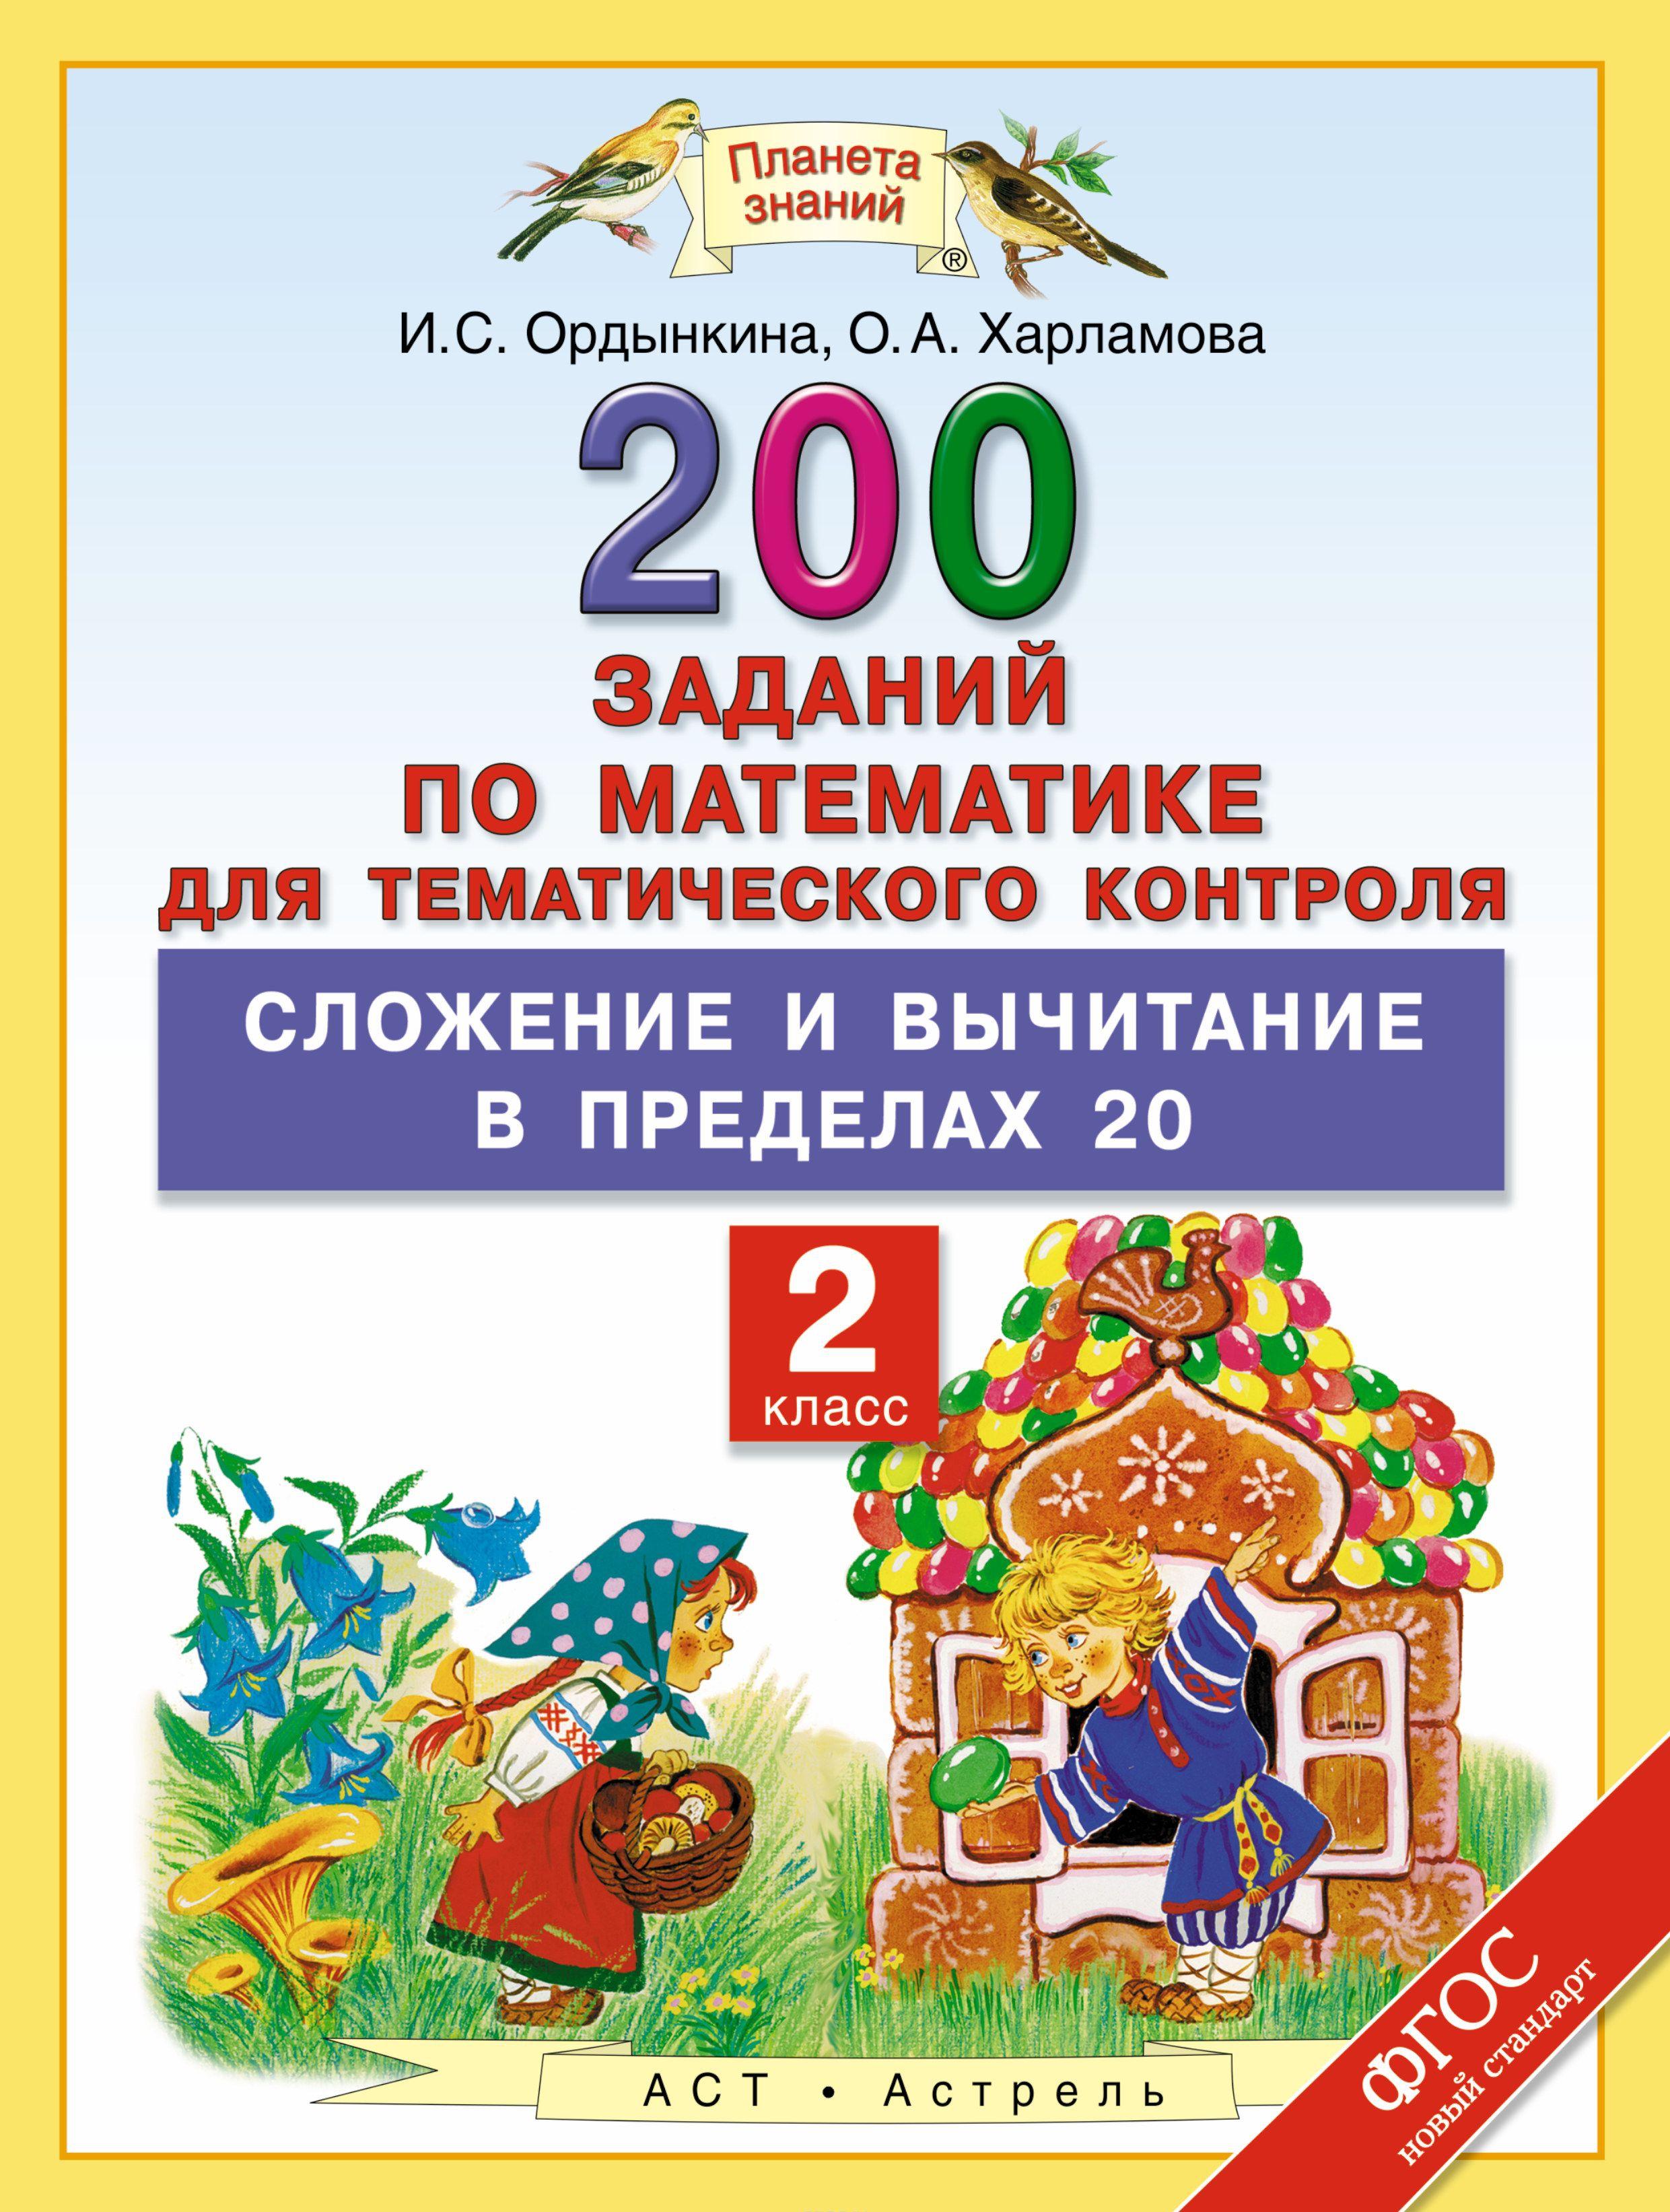 Matematika. 2 klass. 200 zadanij po matematike dlja tematicheskogo kontrolja. Slozhenie i vychitanie v predelakh 20